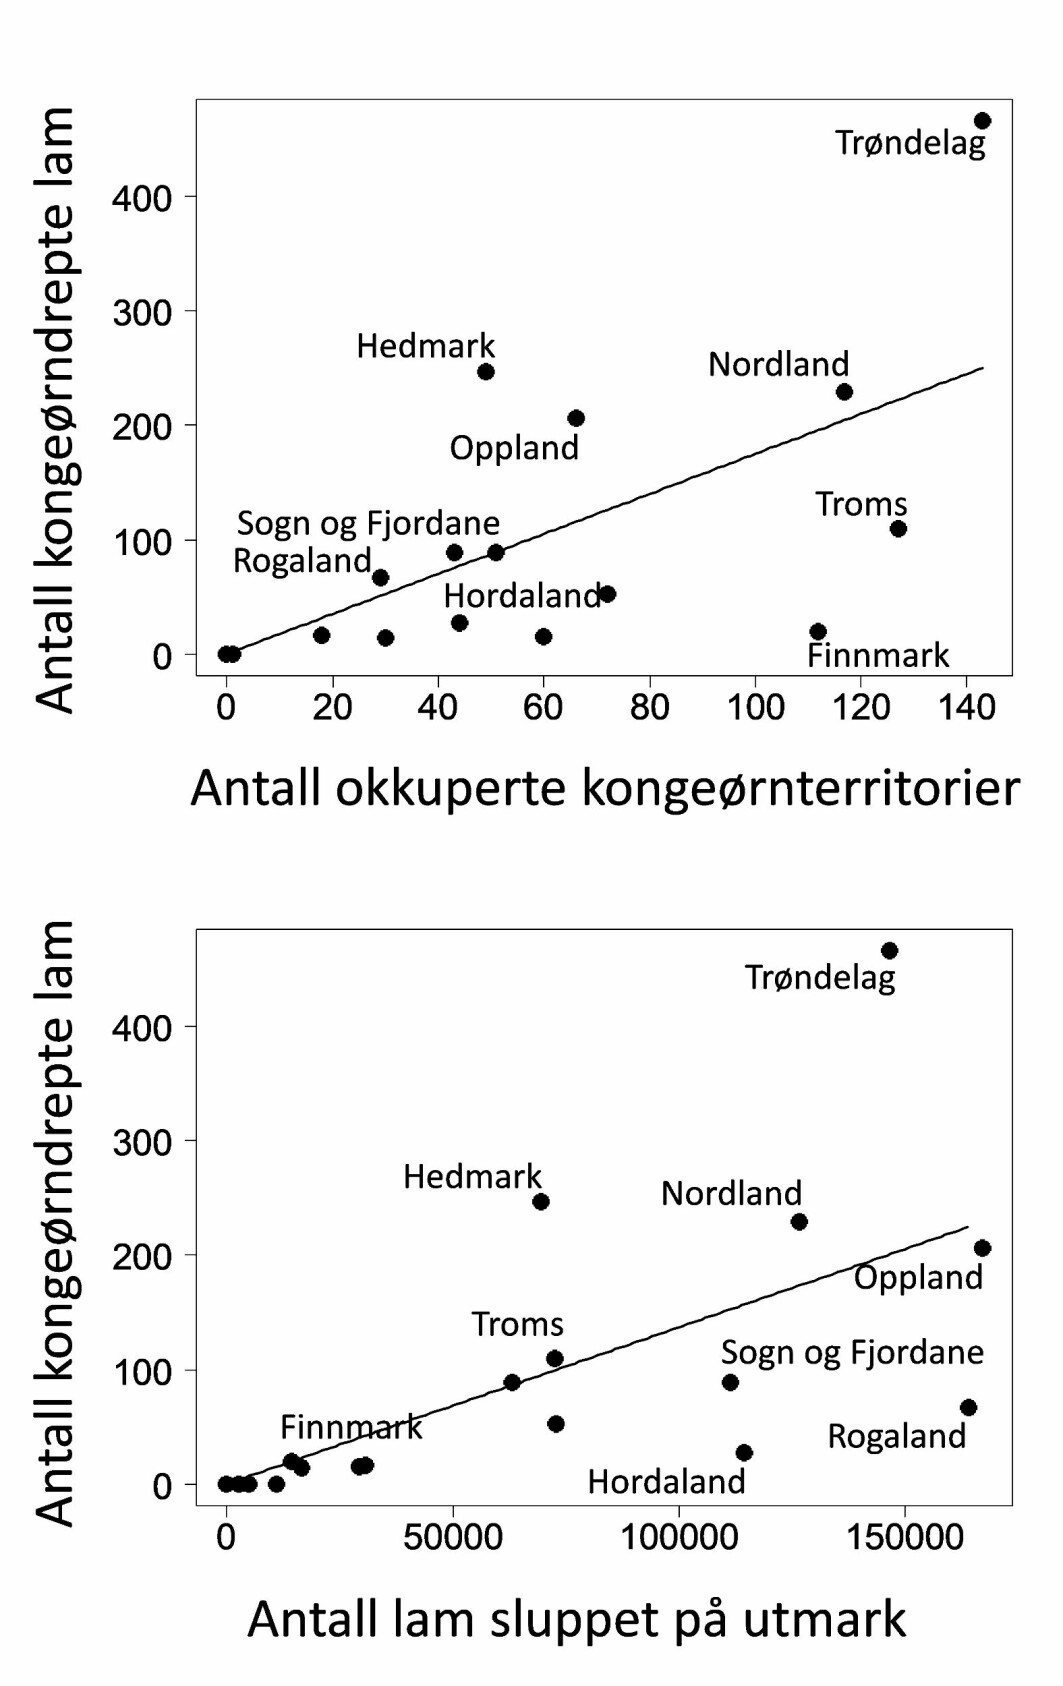 Figur 1. Sammenhengen mellom antall kongeørndrepte lam registrert i Rovbase 2010- september 2019 per fylke og (øverst) beregnet antall okkuperte kongeørnterritorier i fylket (Dahl m.fl. 2015), og (nederst) antall lam sluppet på utmarksbeite i 2018 (Produksjons- og avløsertilskudd til jordbruksforetak – søknadsomgang 2018). For ett utvalg av fylkene er punktene merket med navn.